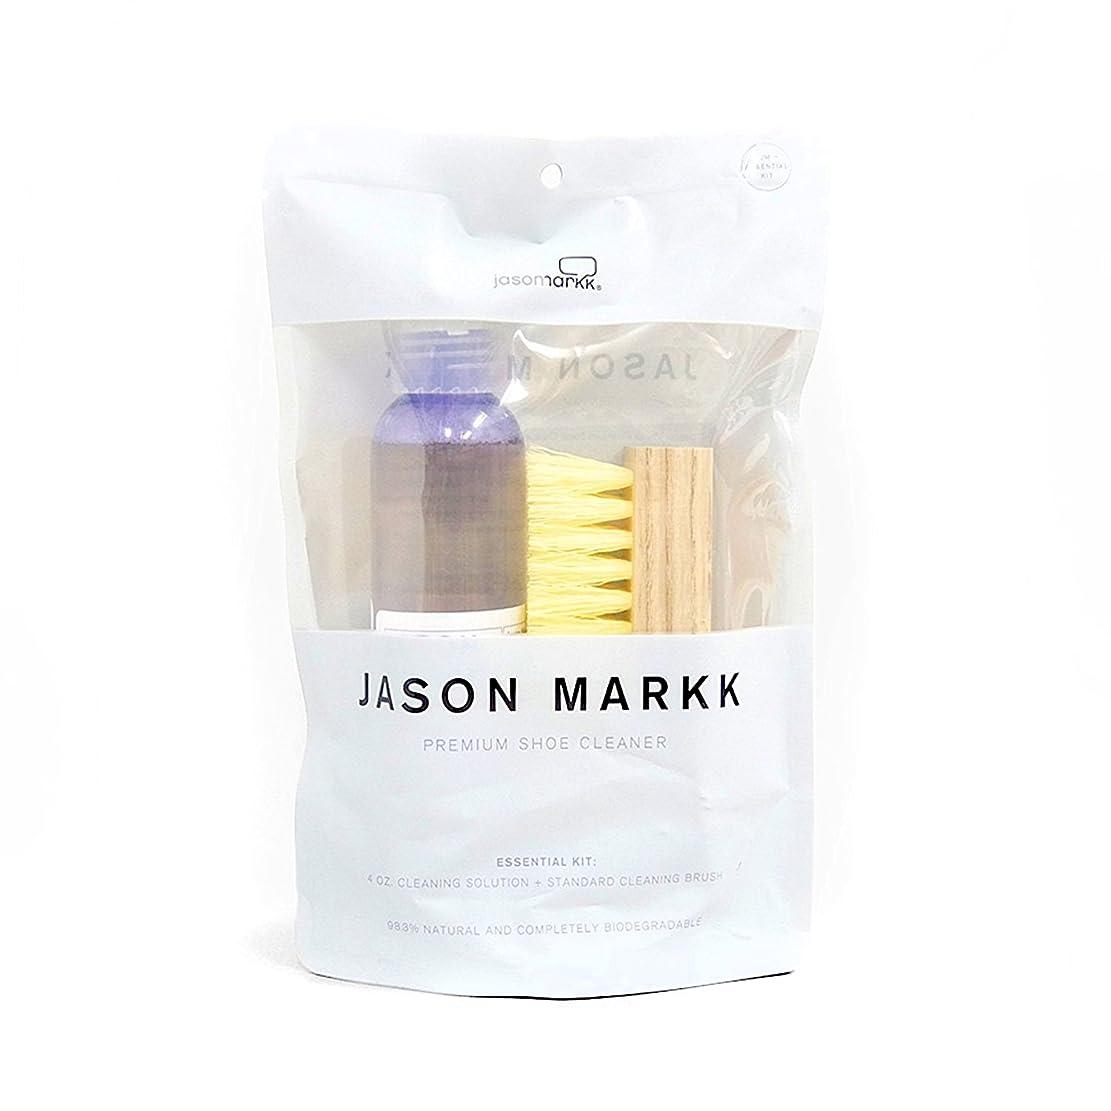 マンモス基本的な感謝する(ジェイソン マーク) Jason Markk ブラシ 靴ケア用品 [ ケアキット ] 3691 4oz. PREMIUM KIT メンズ レディース クリーナー 靴 ケア セット (並行輸入品)